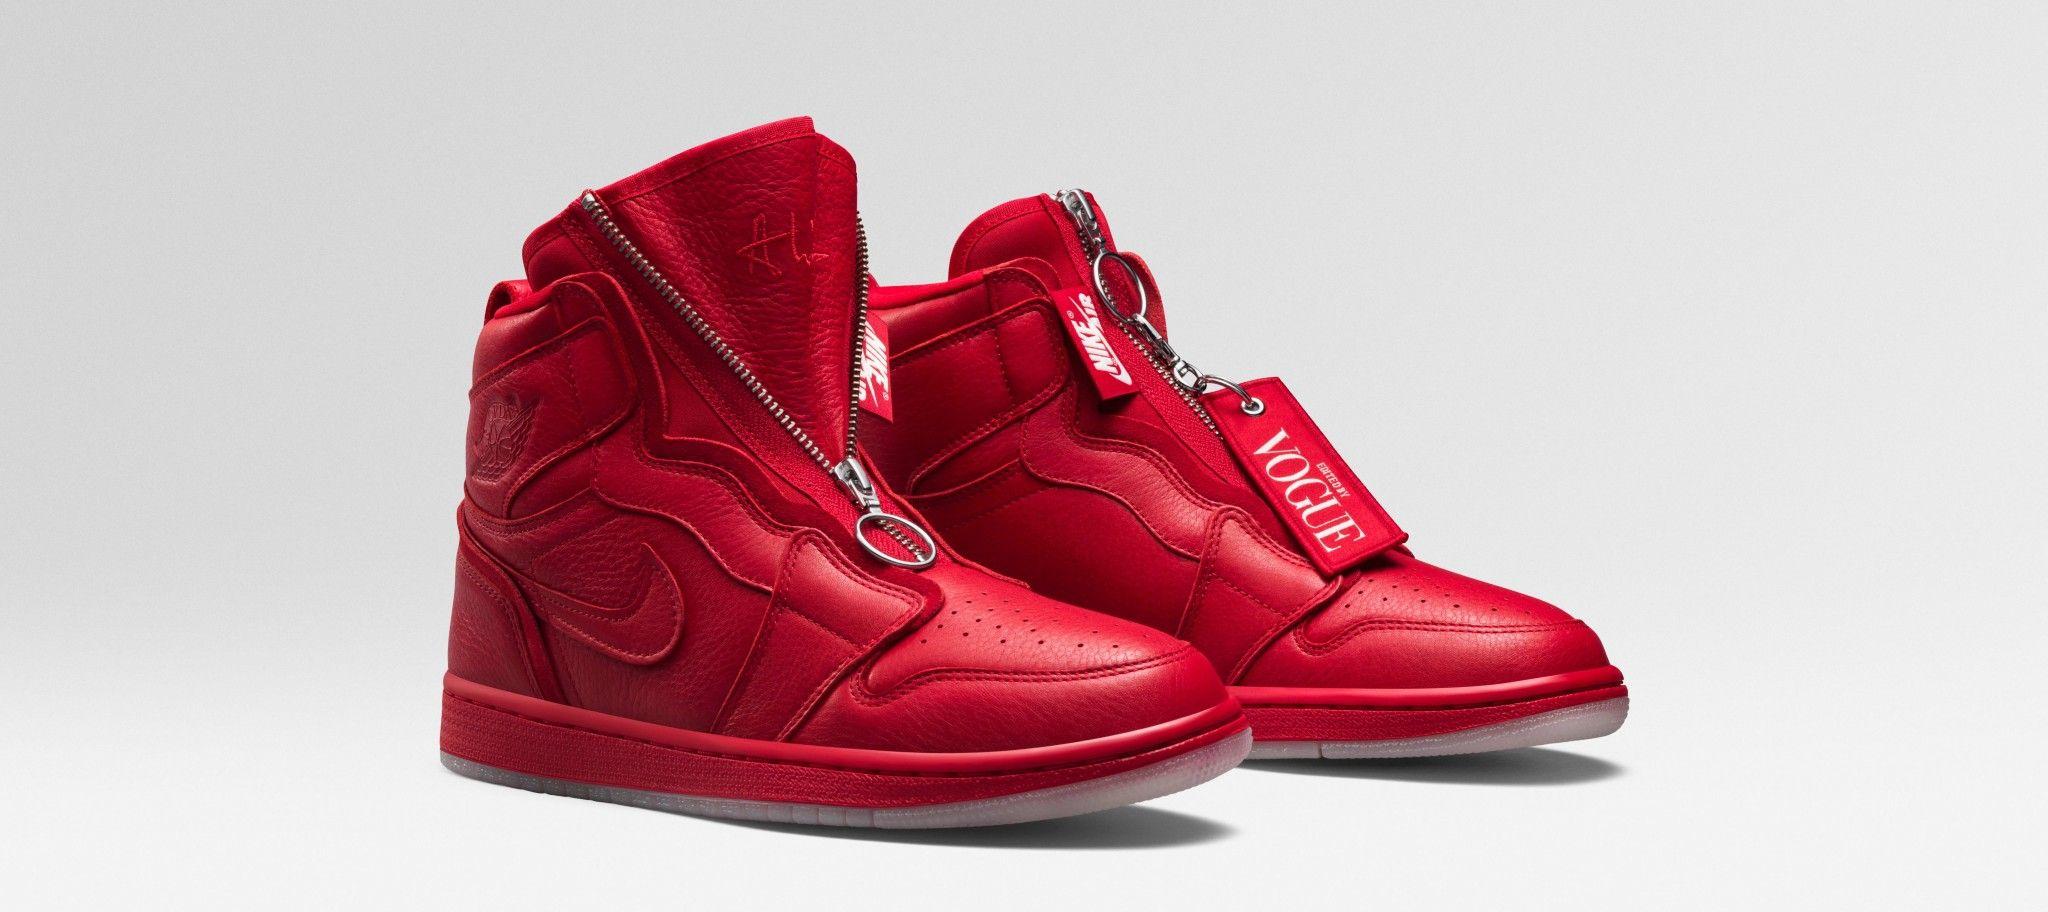 94ac402c778d4a Vogue x Air Jordan 3 SE AWOK Sept 7